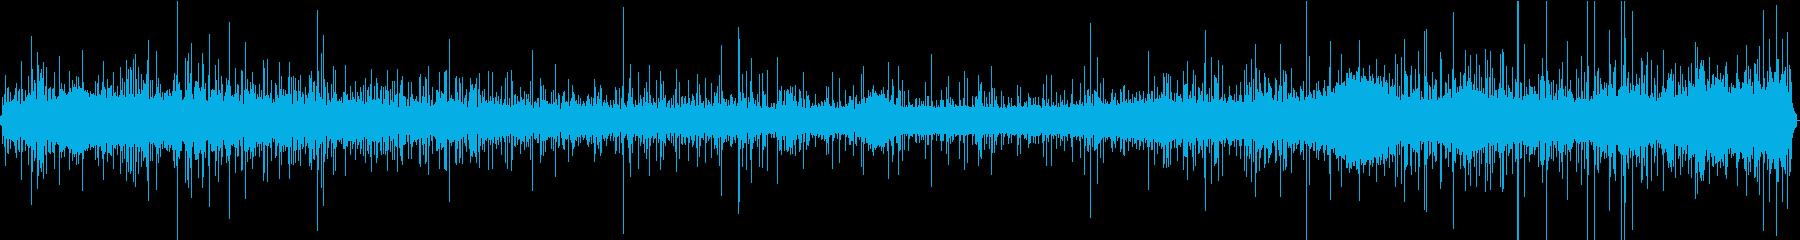 【生録音】美しい雨の音 1の再生済みの波形